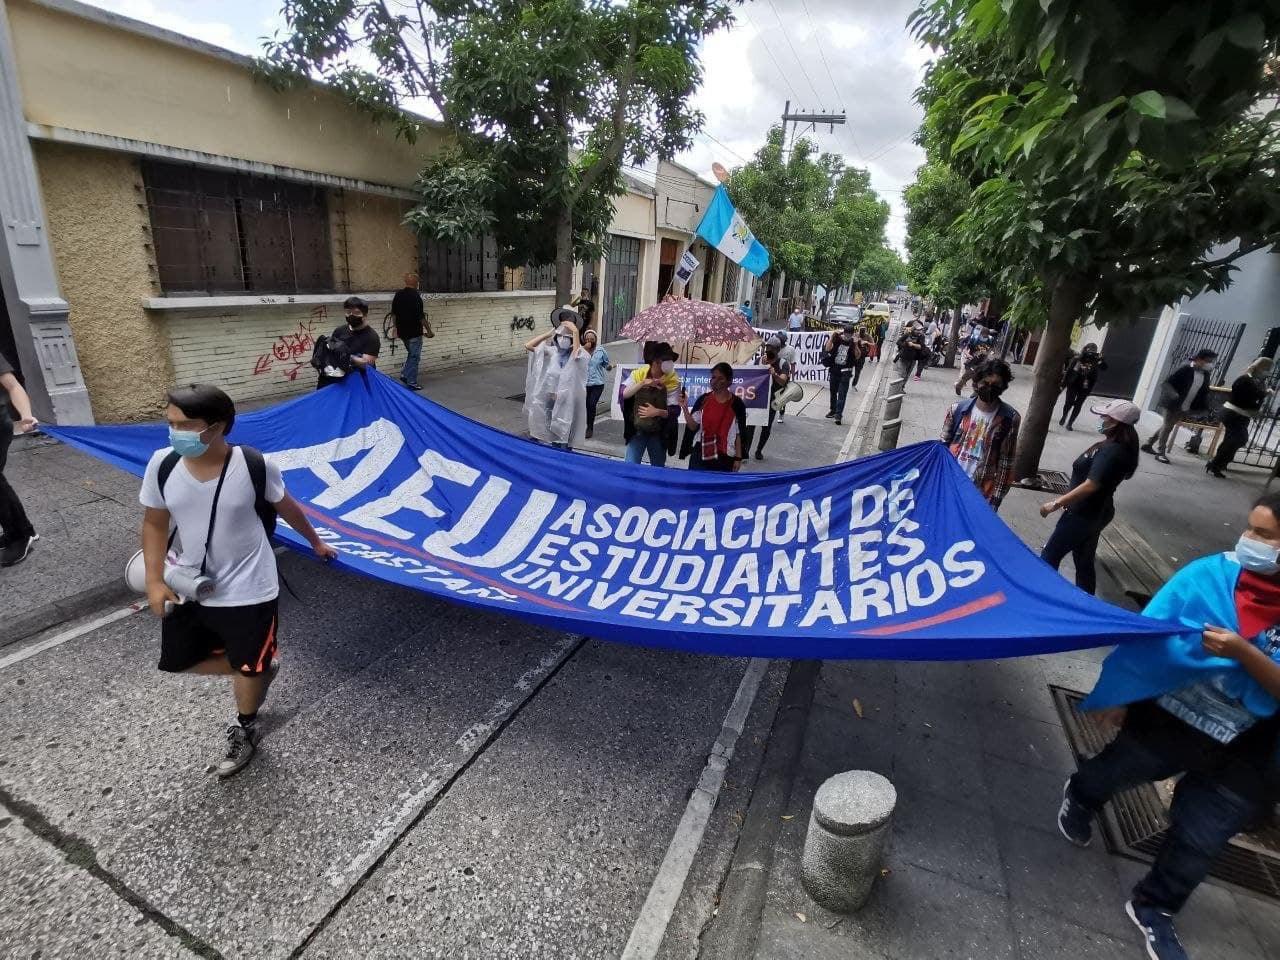 Nueva jornada de paro nacional toma distintas rutas del país imagen